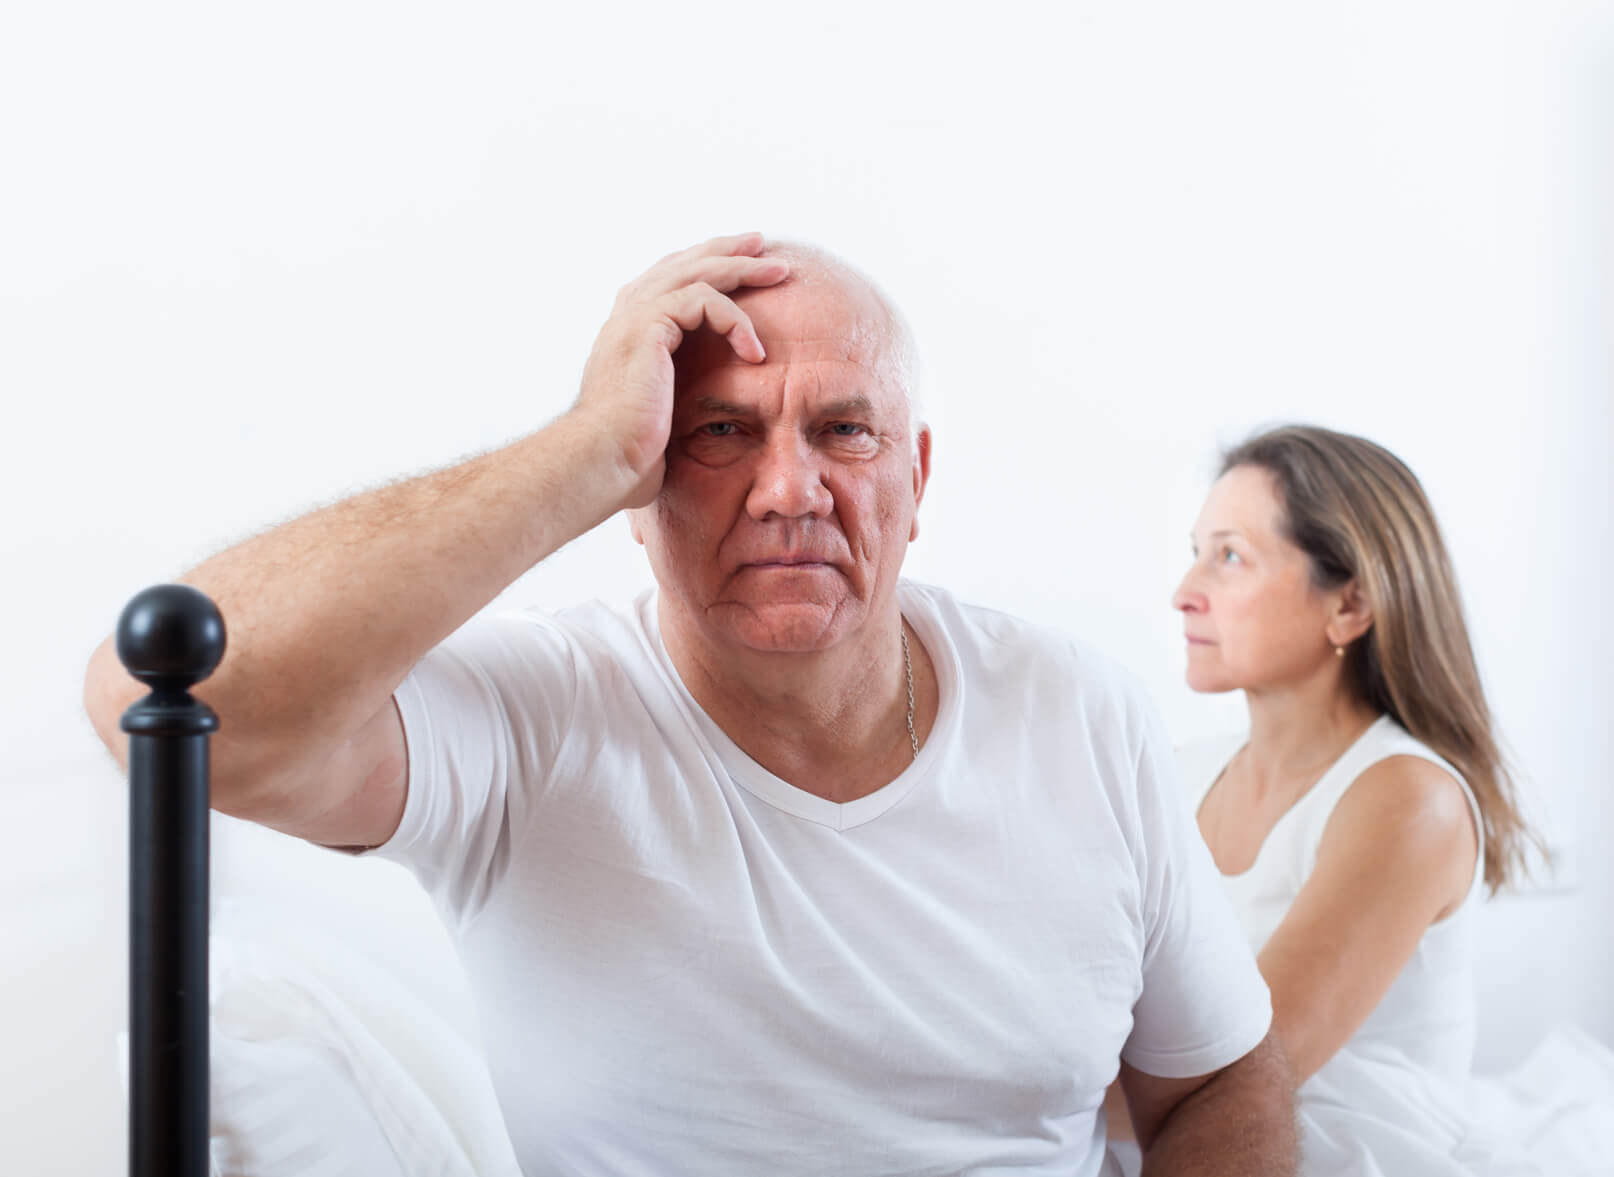 problemă de erecție la un bărbat de 50 de ani erecție slabă după tratamentul prostatitei